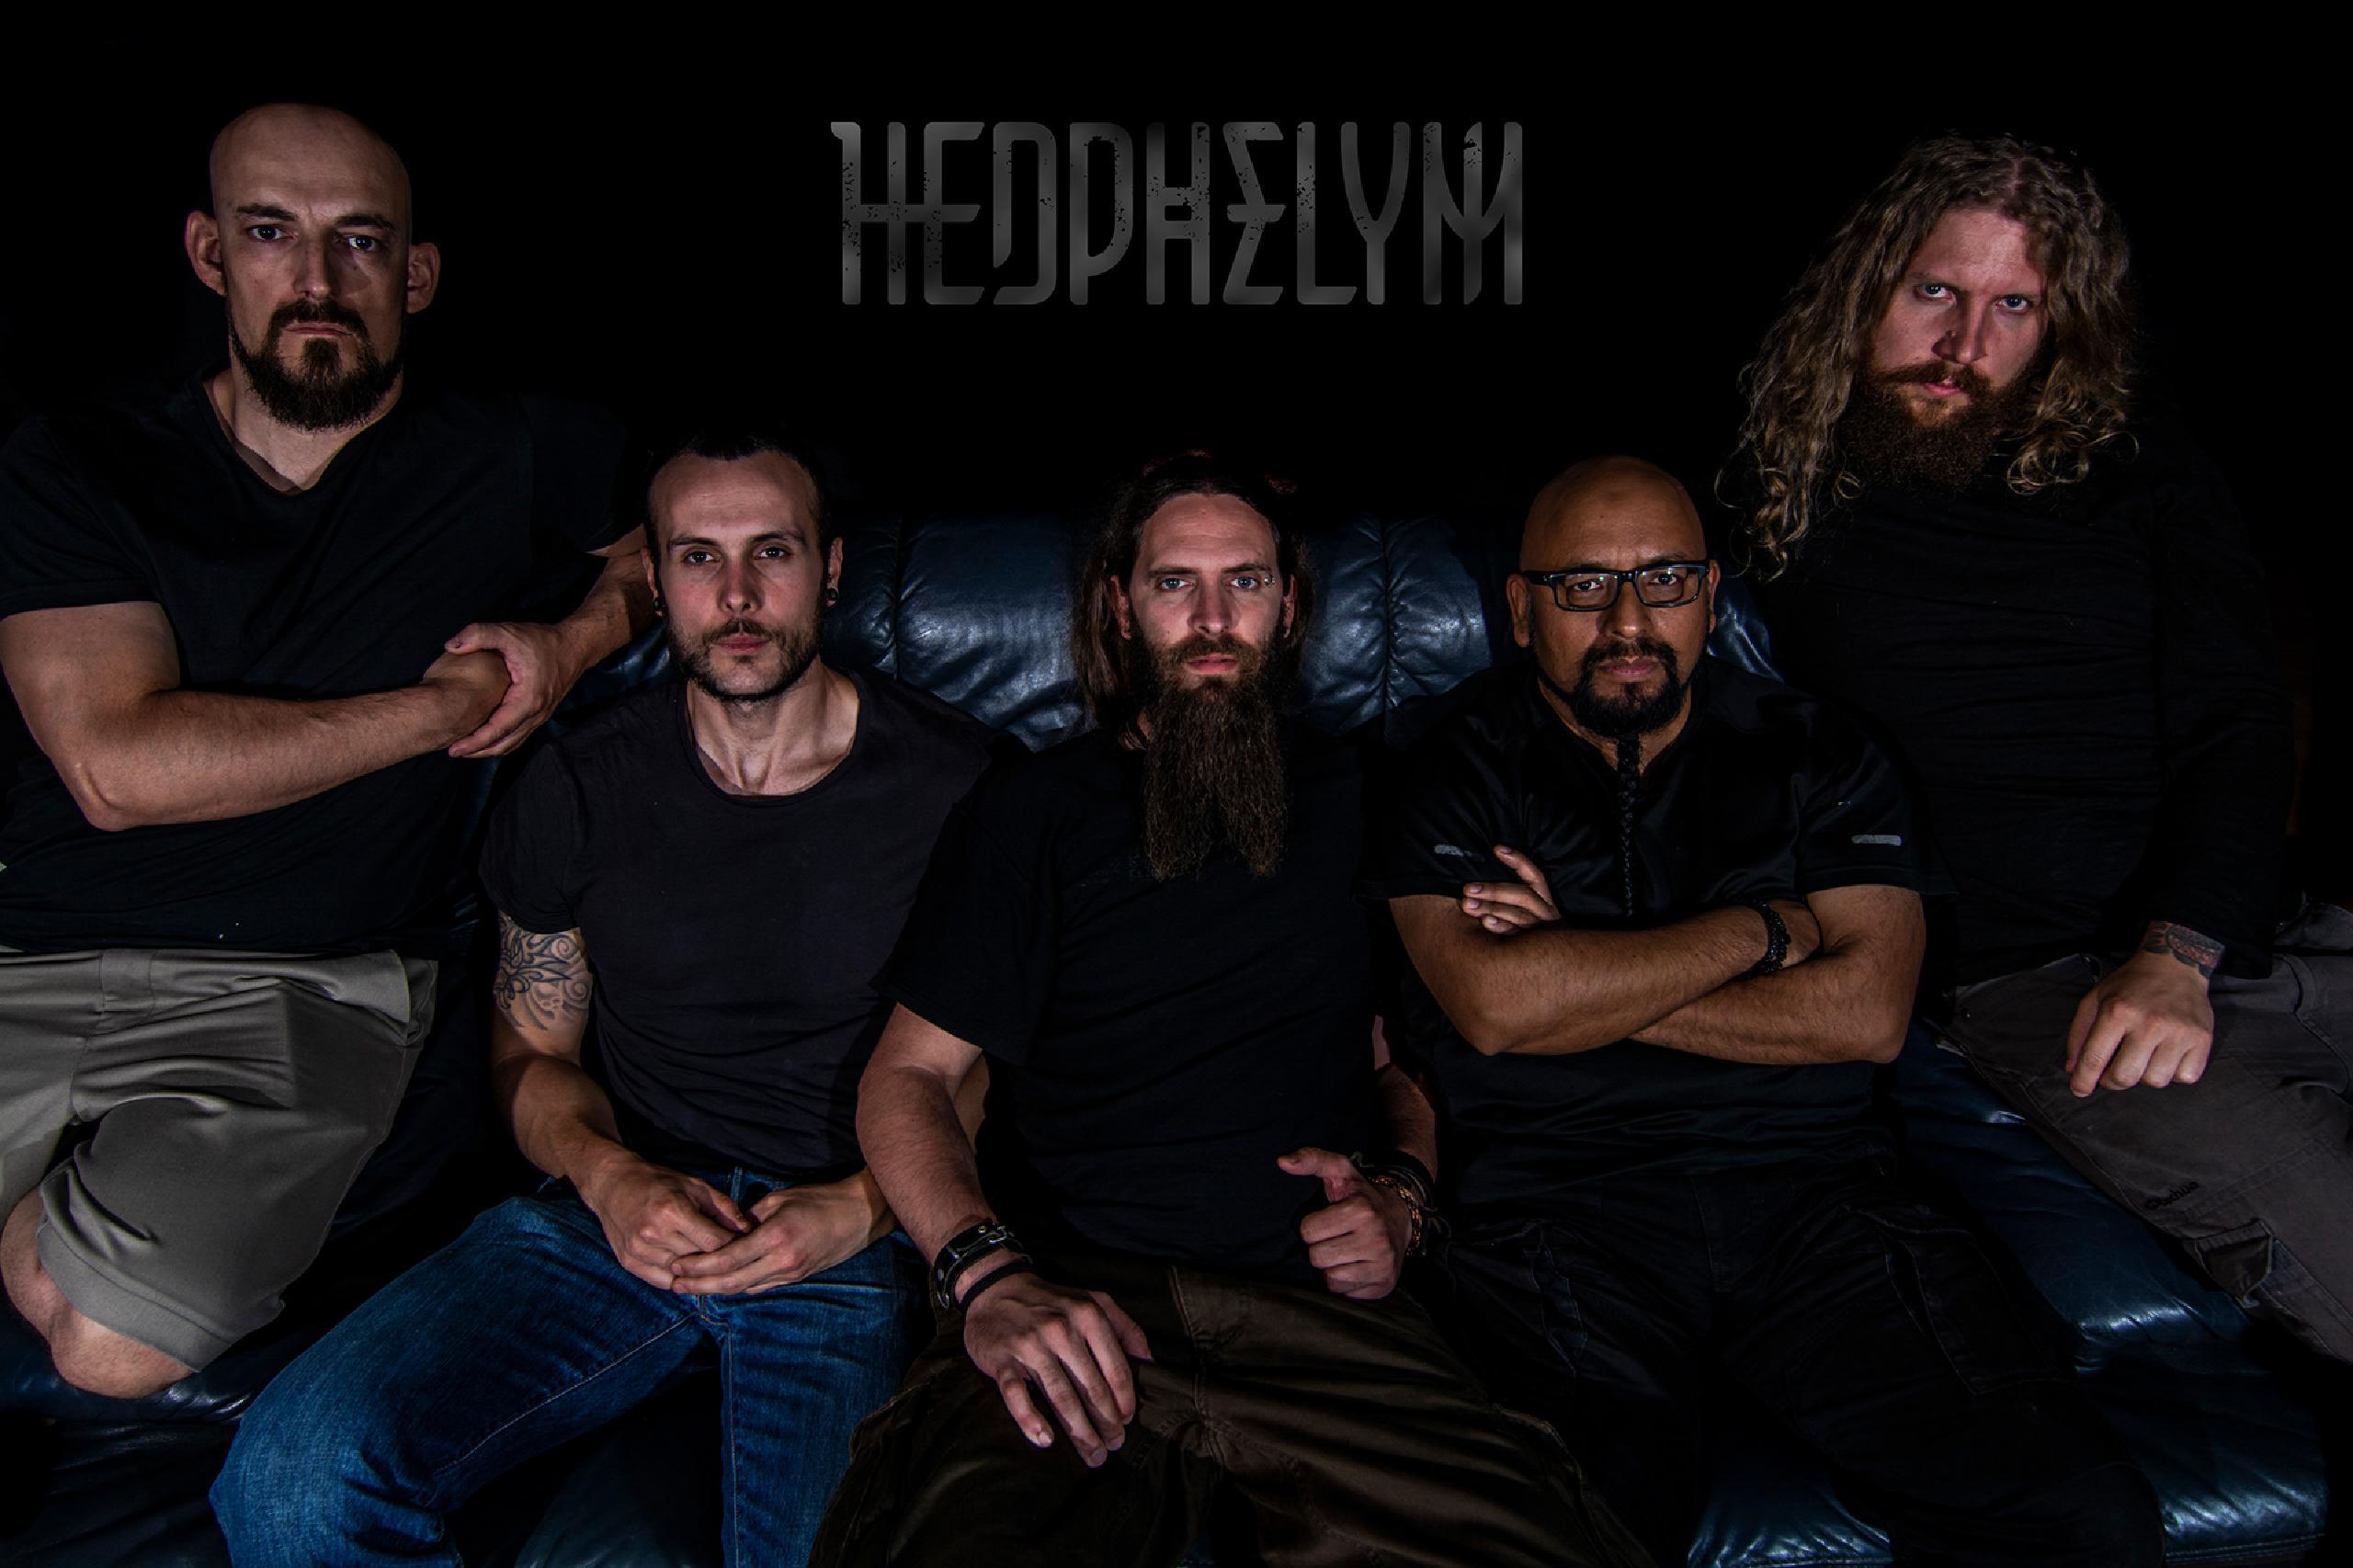 Hedphelym